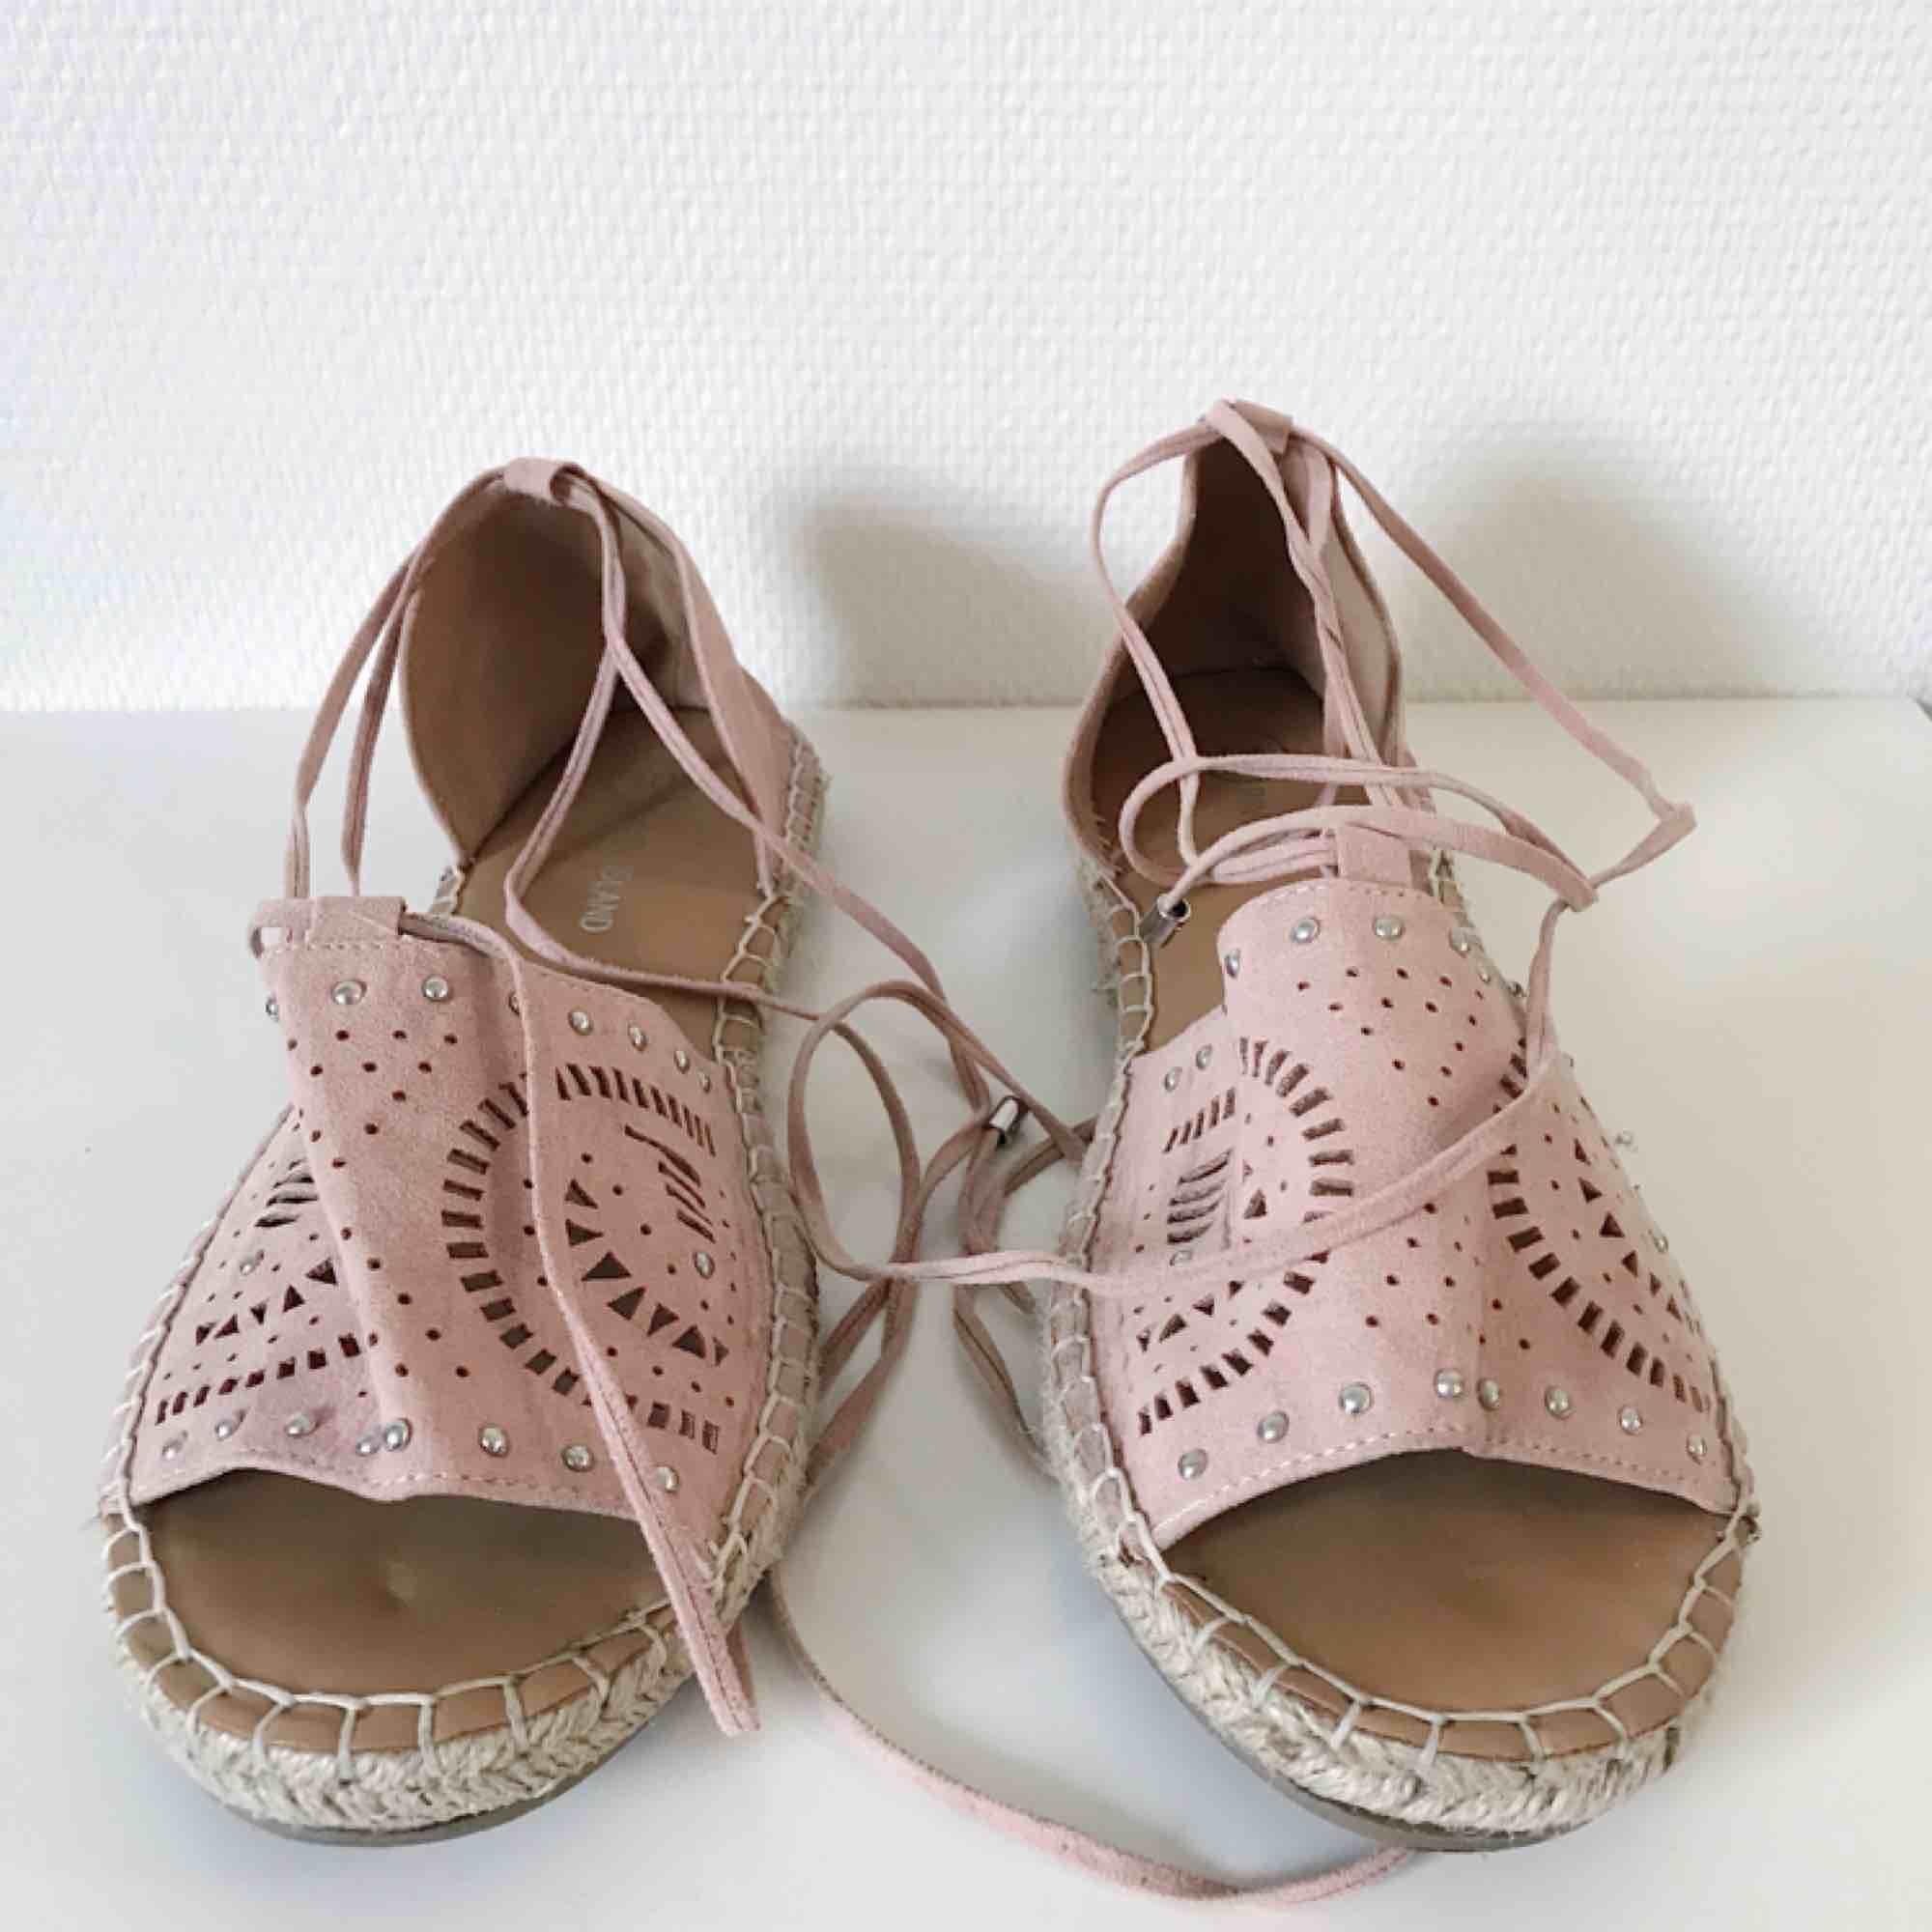 f55907aa1c8 ... Supersnygga sandaler i oanvänt skick från River Island. Sköna och  grymma för de svalare dagarna ...